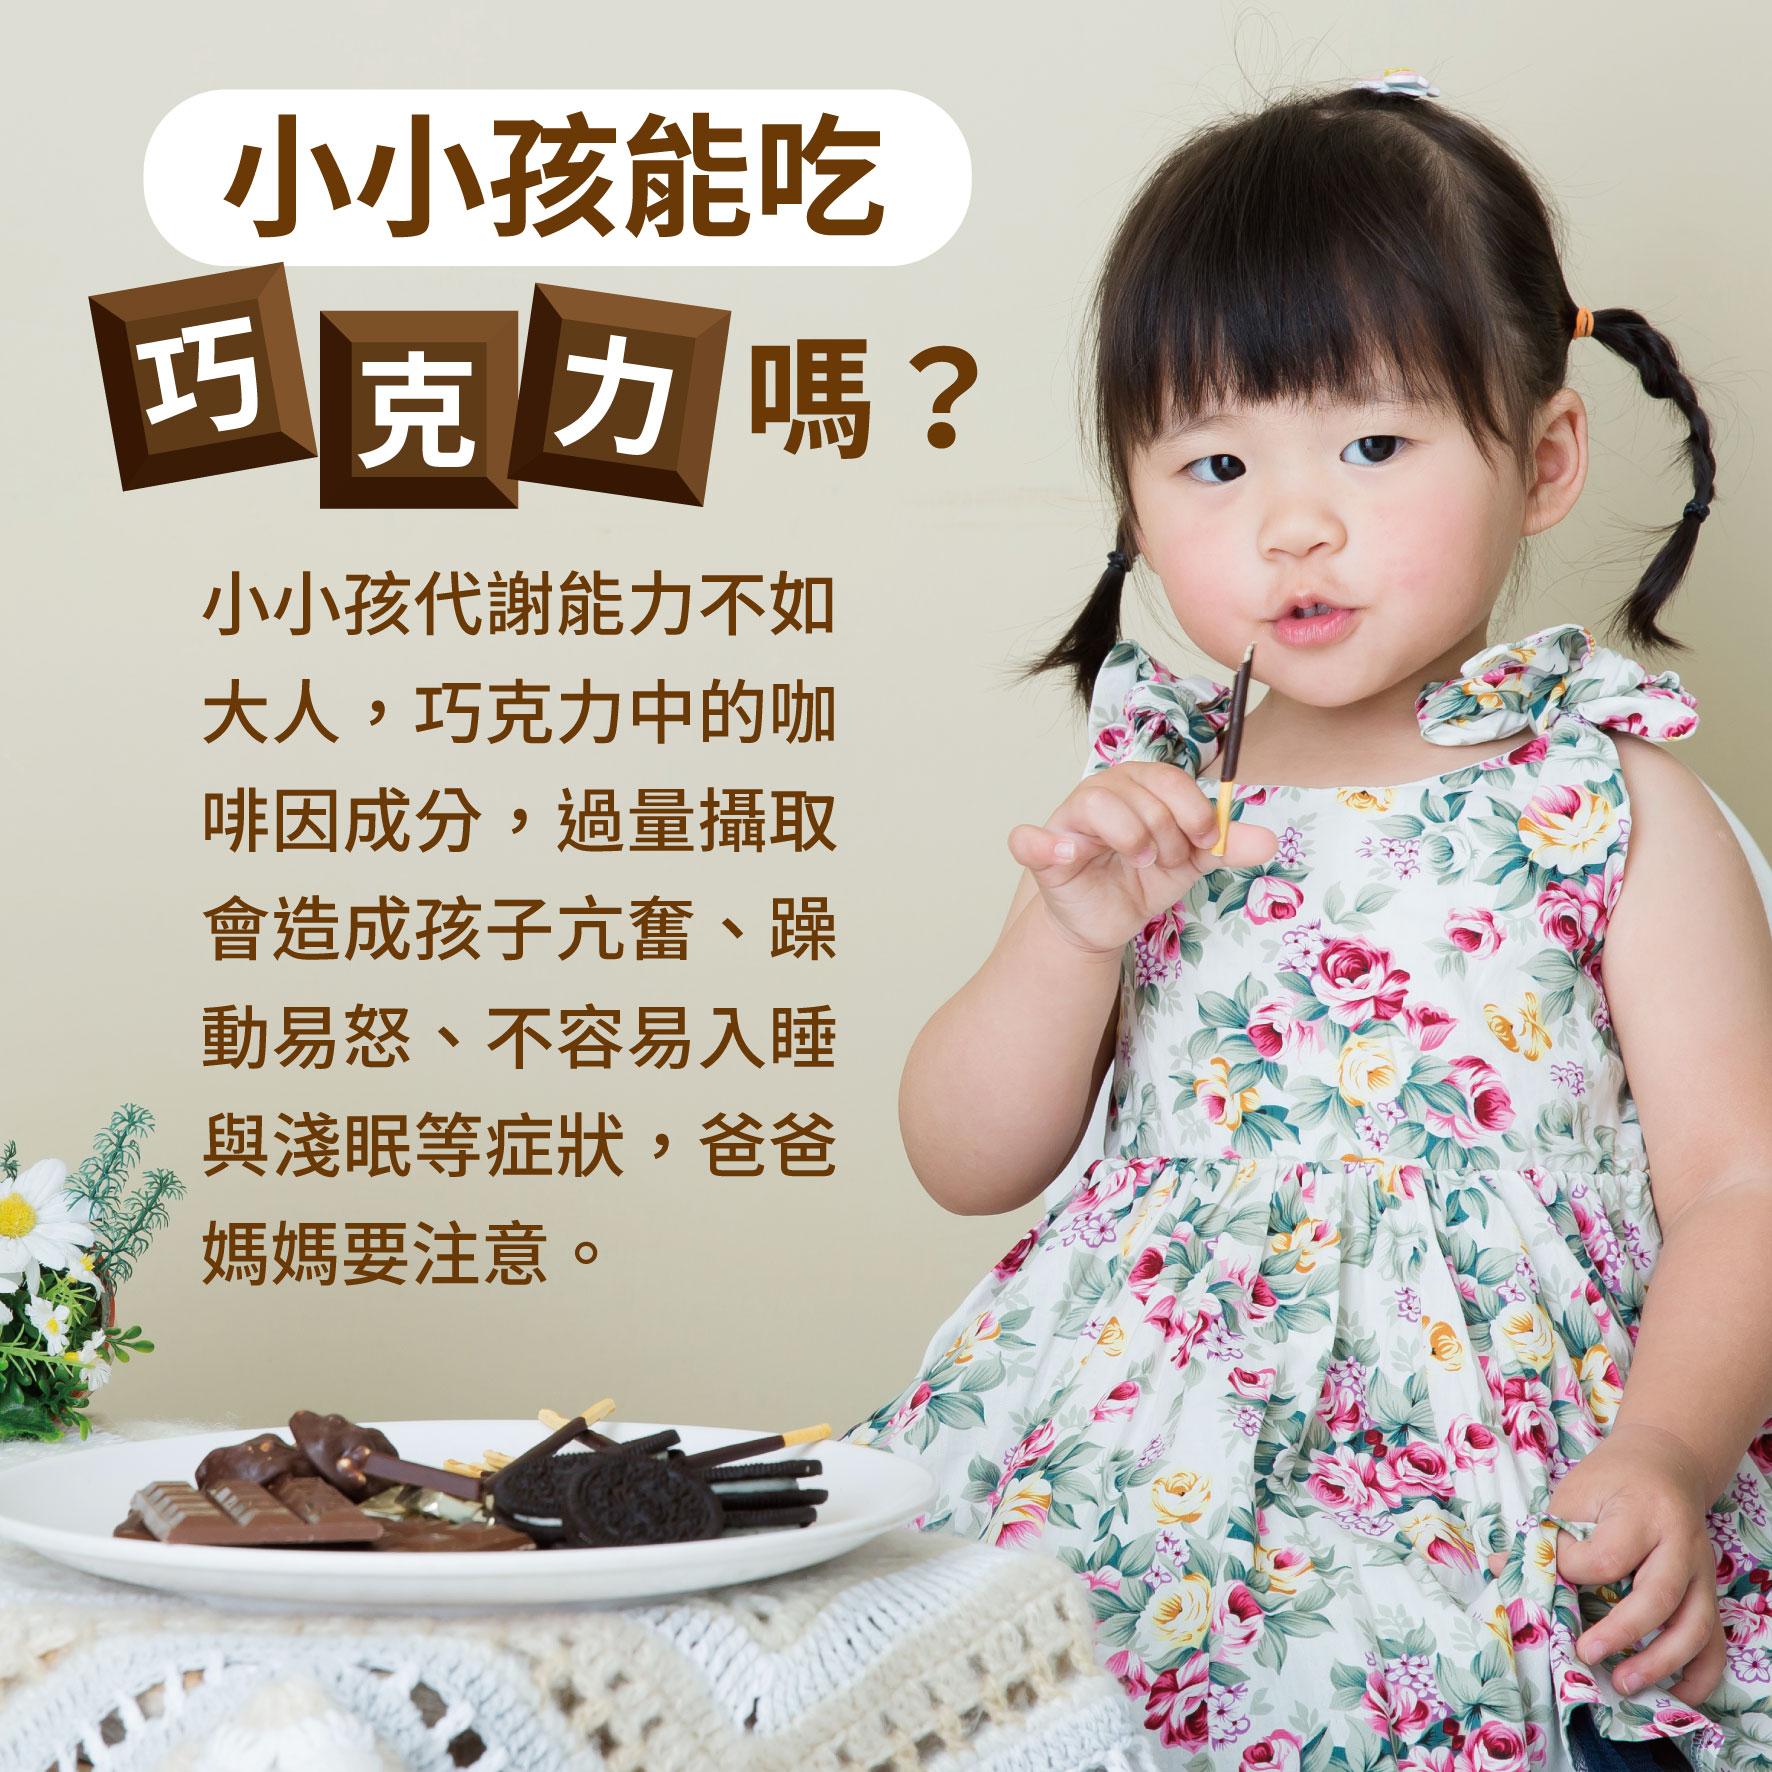 幼兒4歲(第26週)小小孩能吃巧克力嗎?